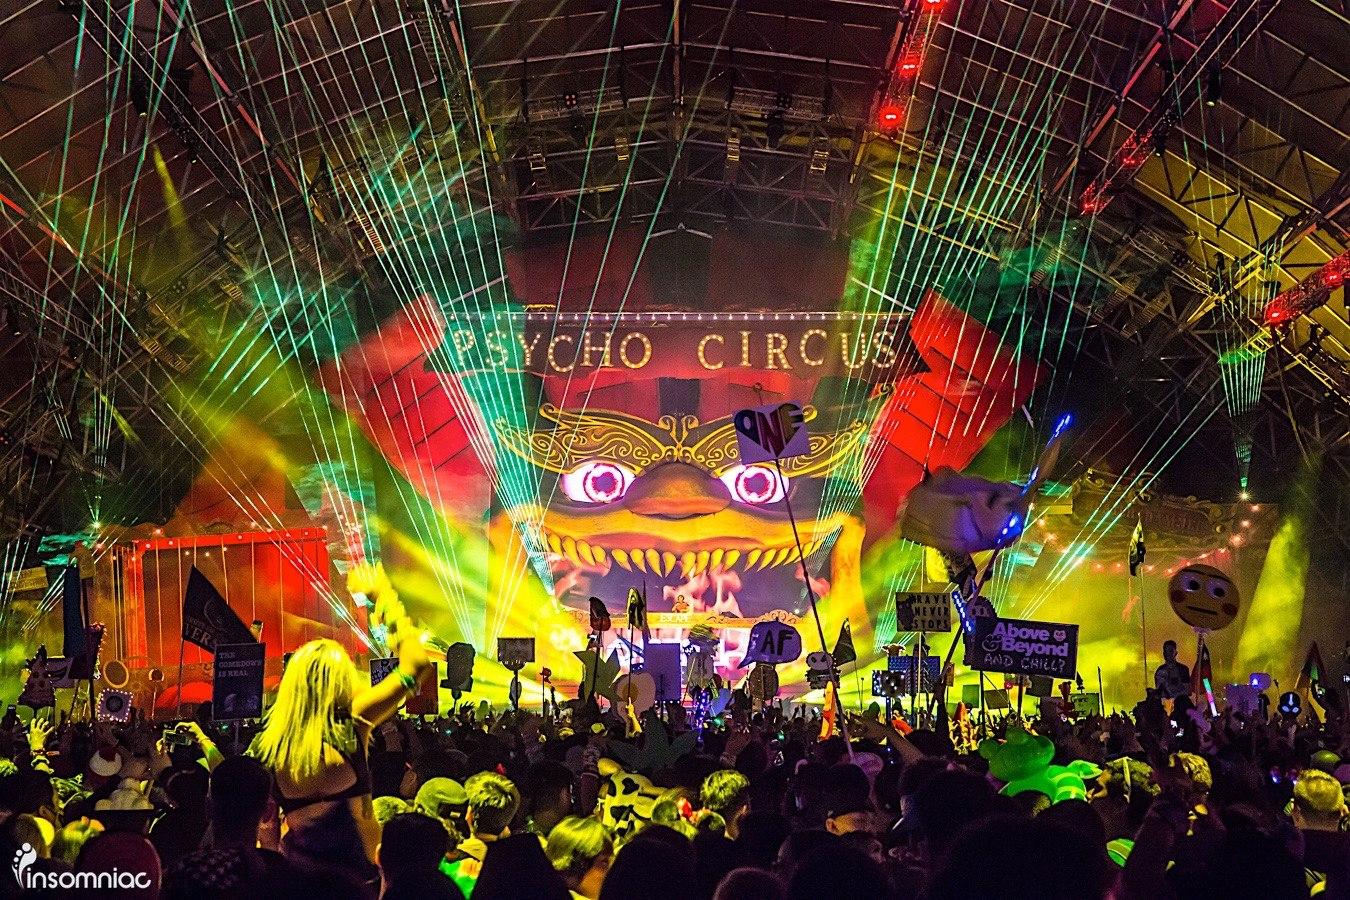 Tickets: Escape Halloween 2017 At The Nos Events Center - Gde Regarding Las Vegas Live Music Calendar